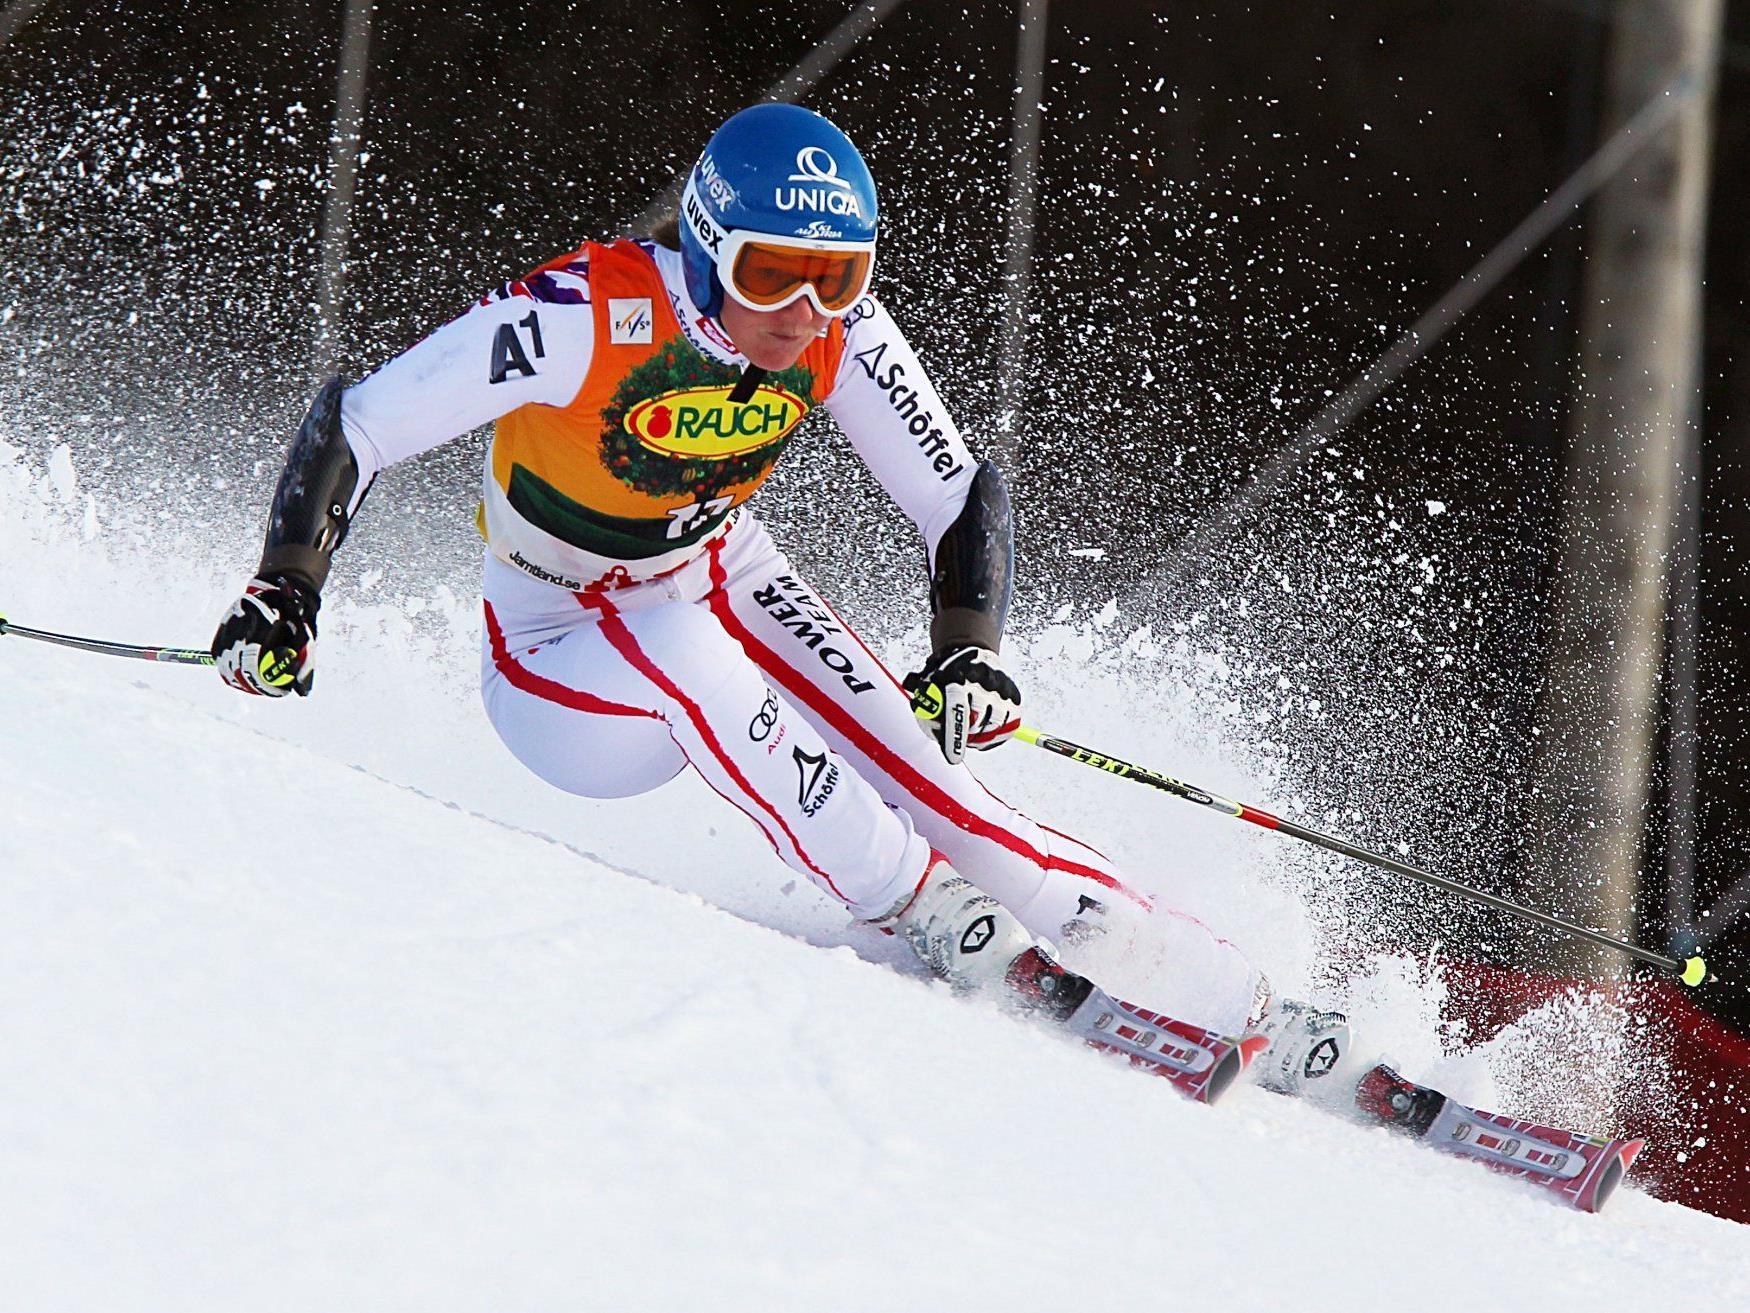 Marlies Schild kann locker in die letzten Rennen gehen. Die Slalom-Kugel hat sie schon sicher.